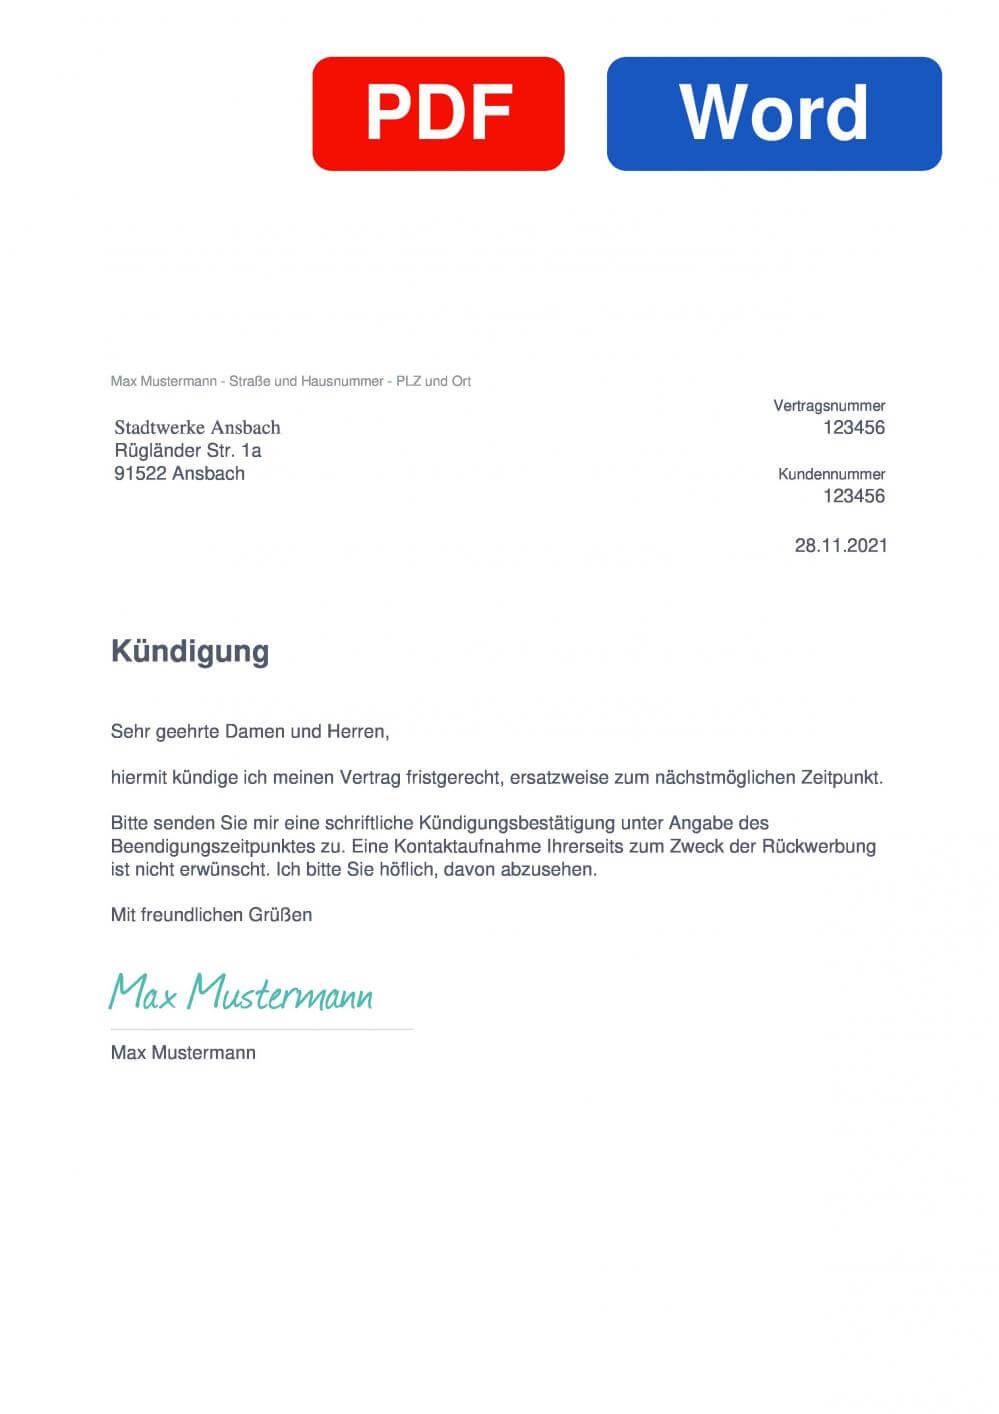 Stadtwerke Ansbach Muster Vorlage für Kündigungsschreiben